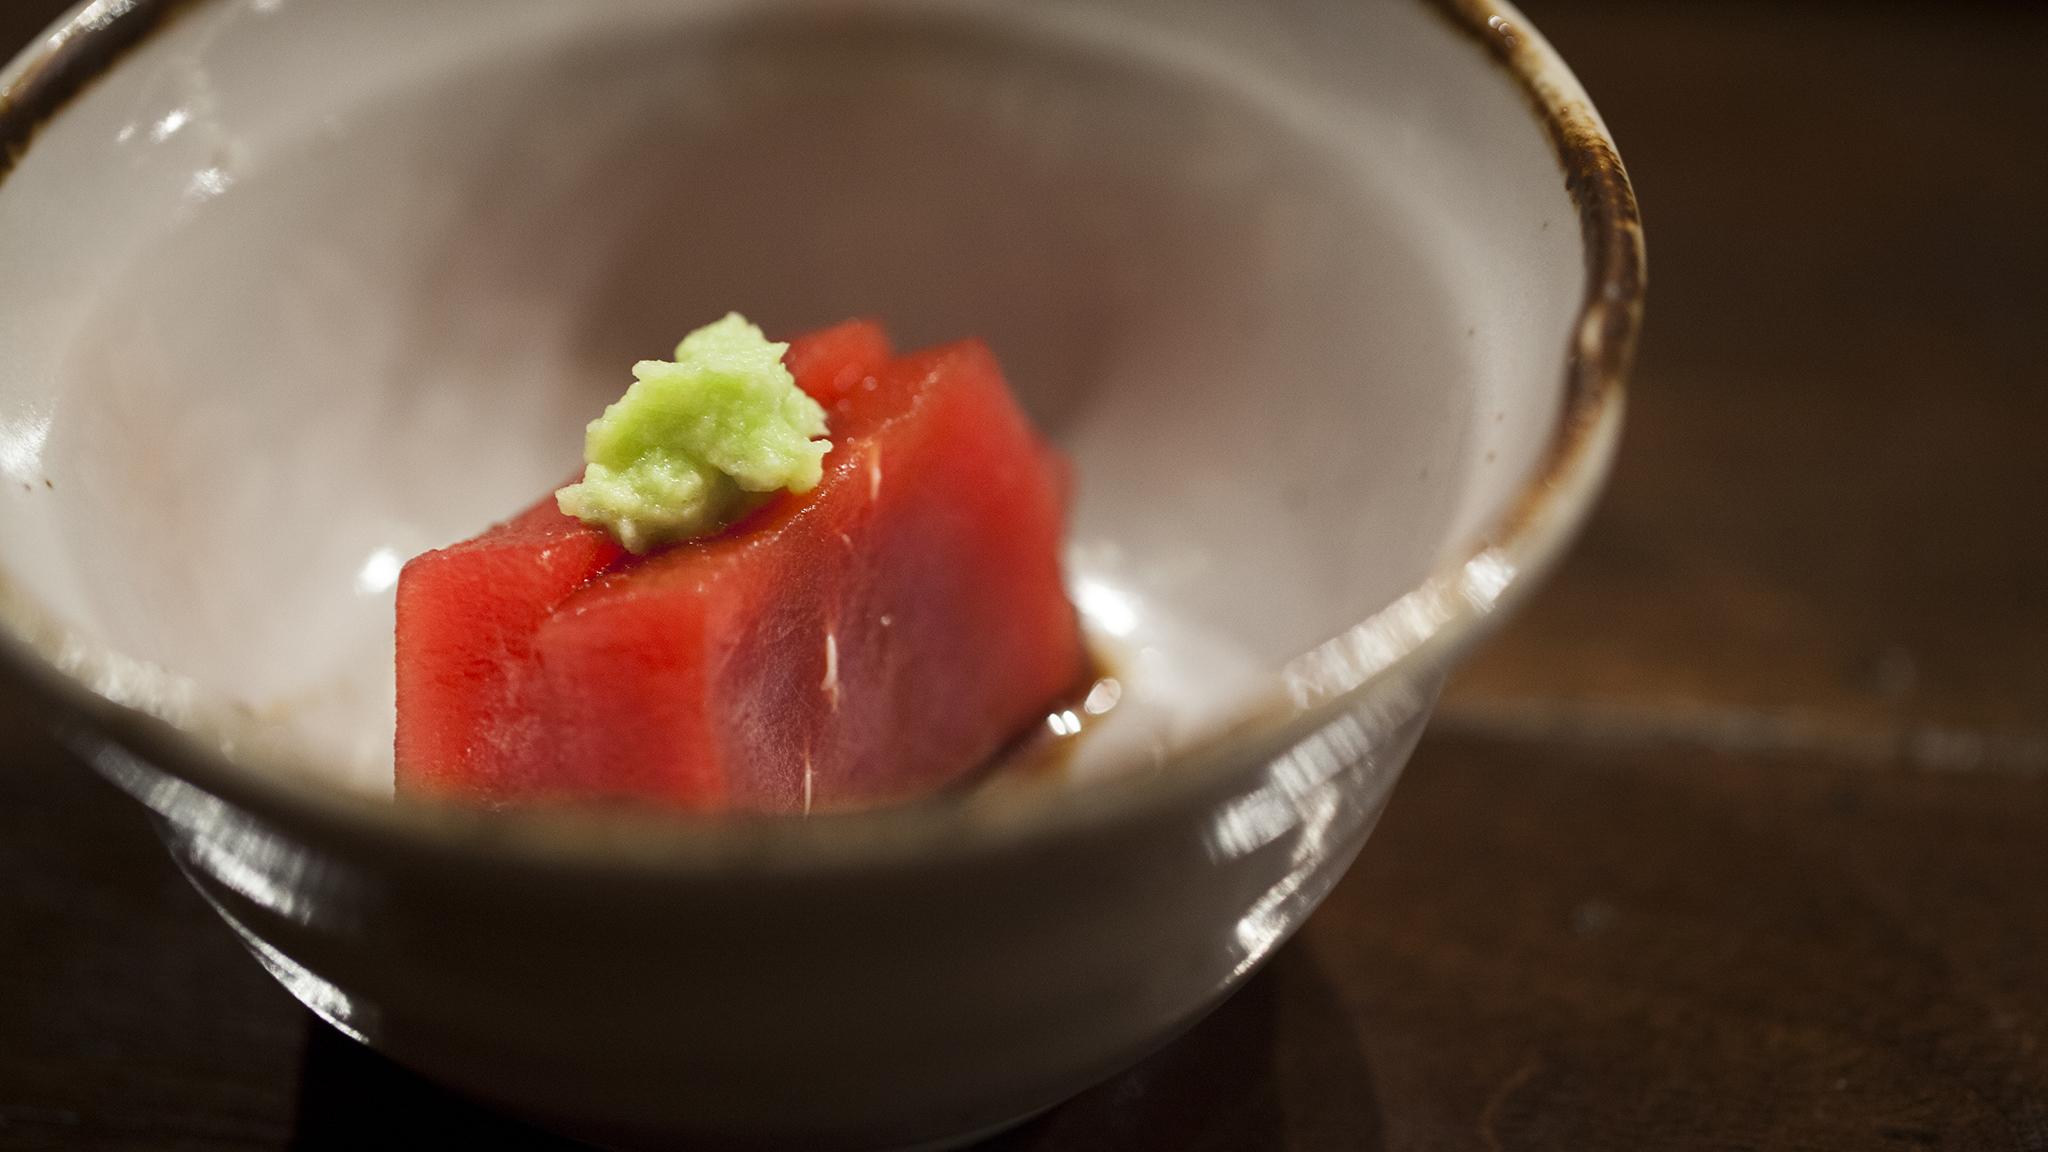 Fatty tuna with wasabi at Q Sushi